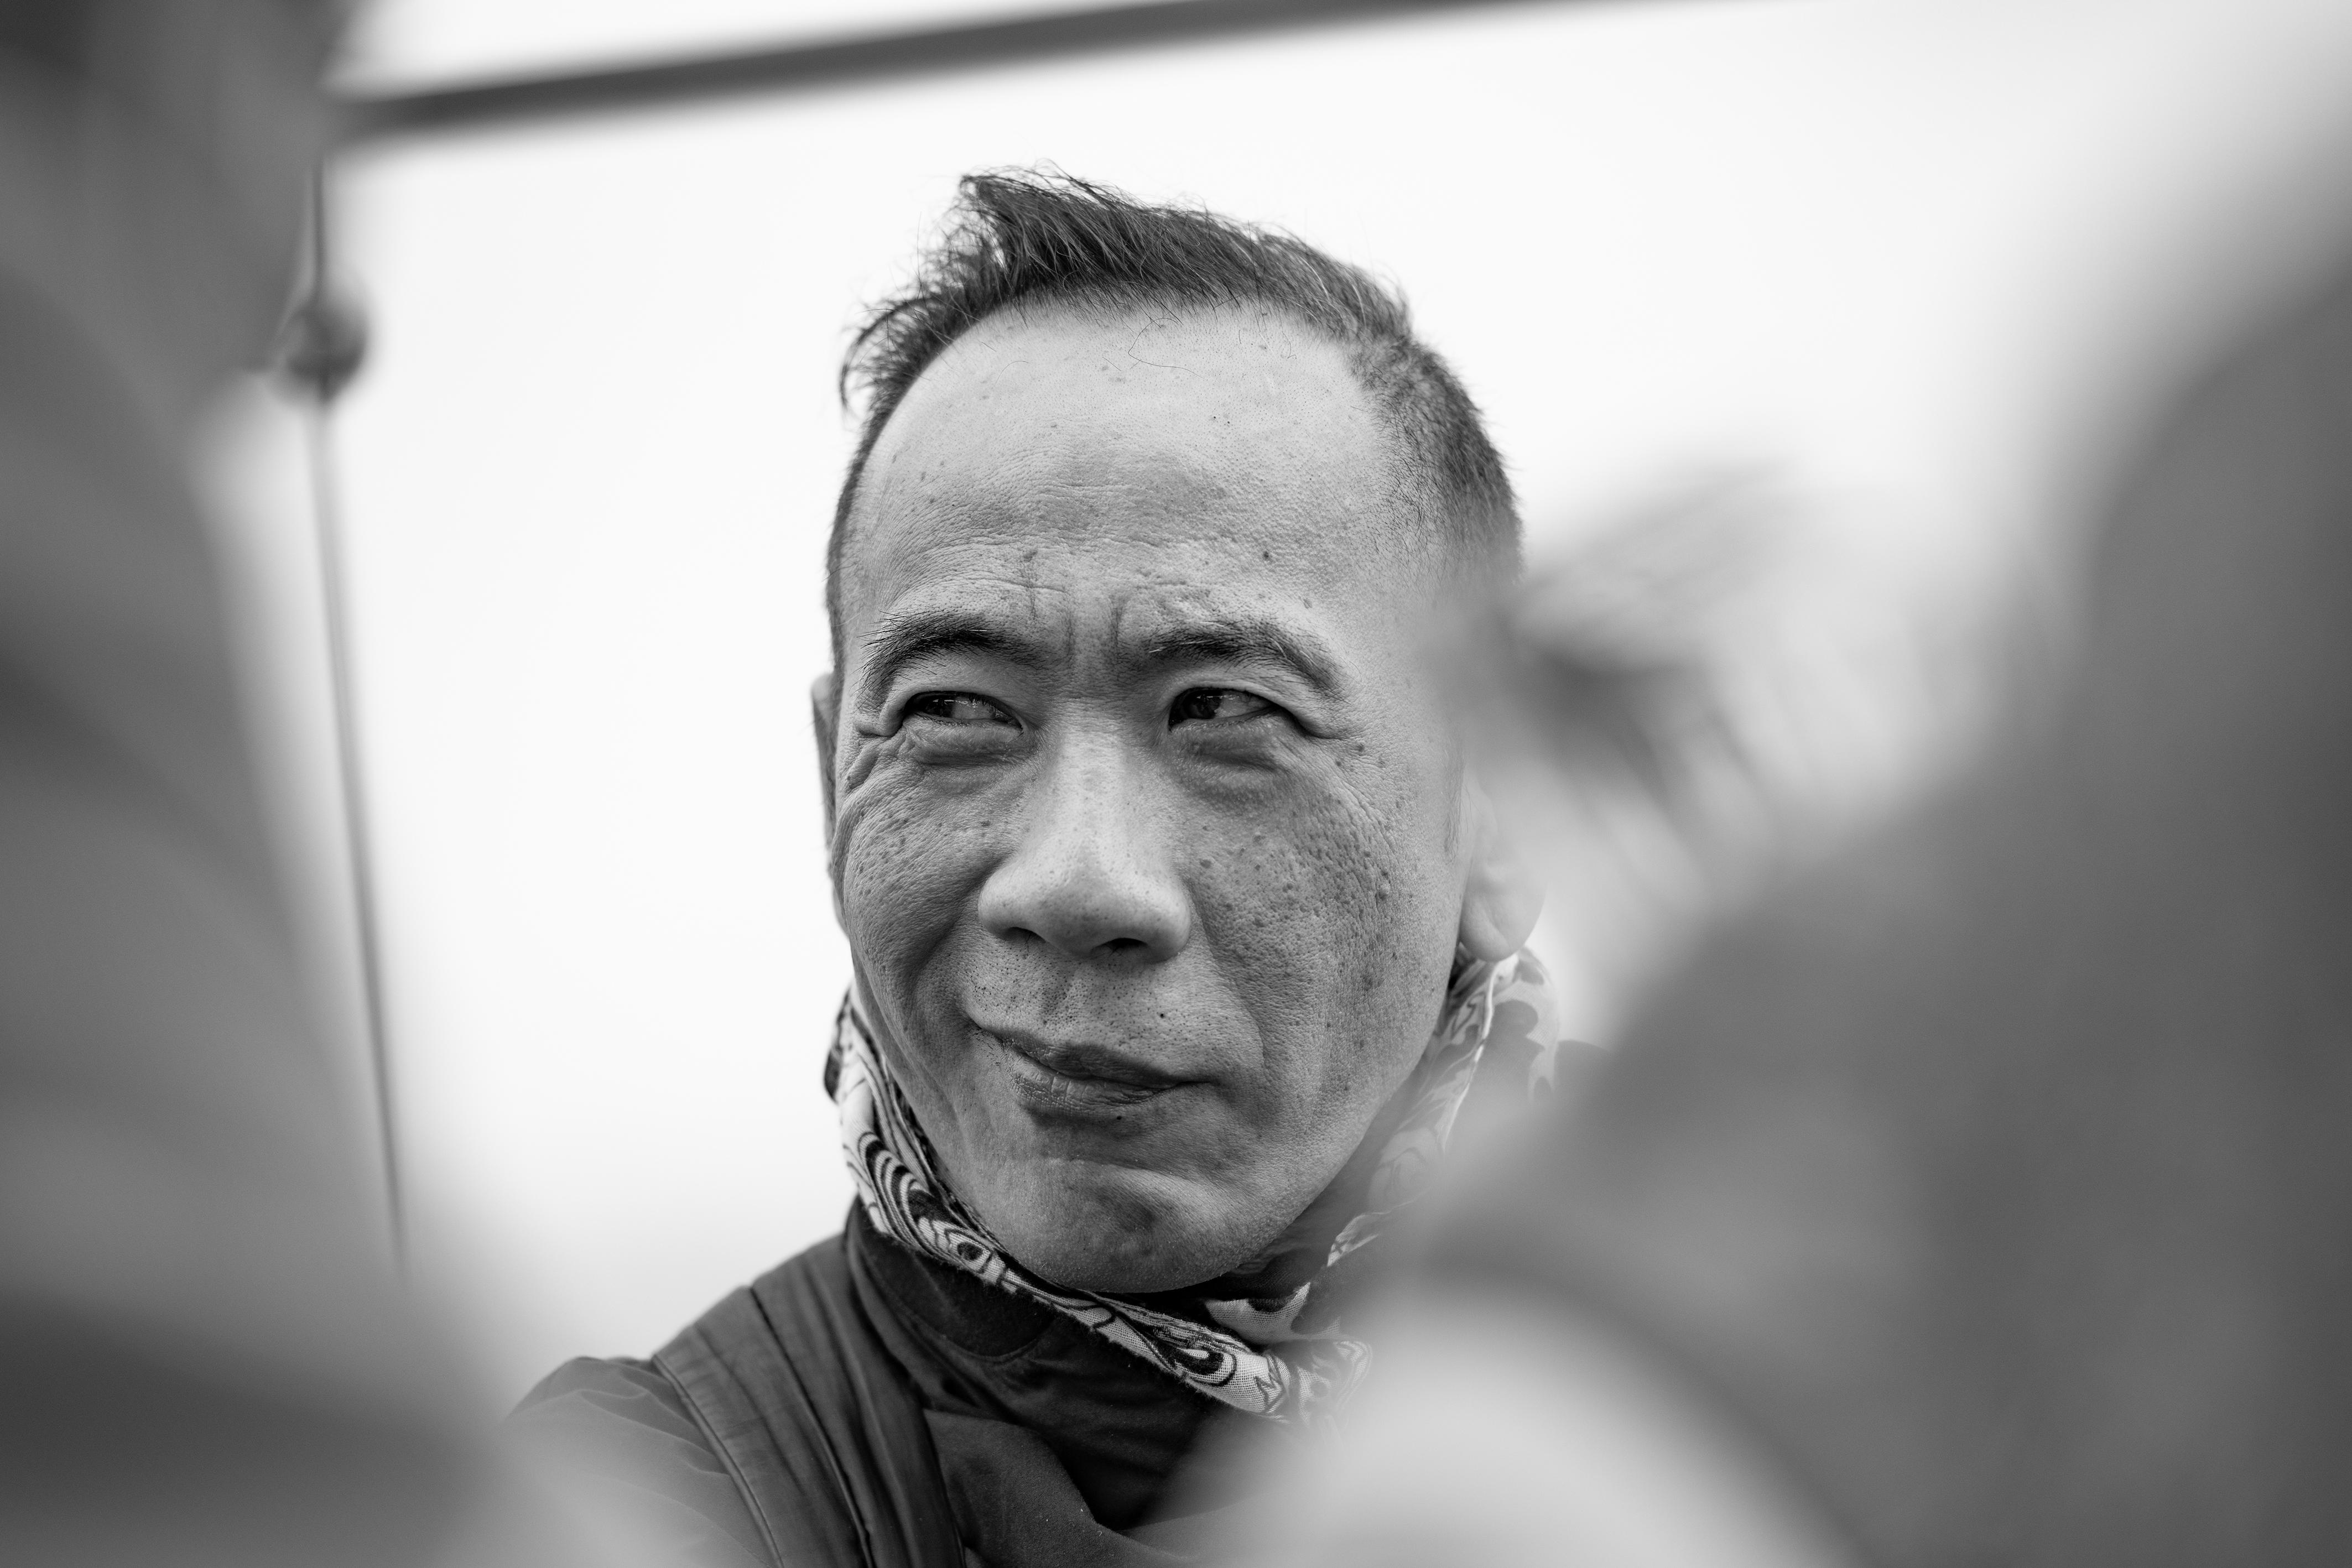 Chen Jianghong (c) Ali Ghandtschi